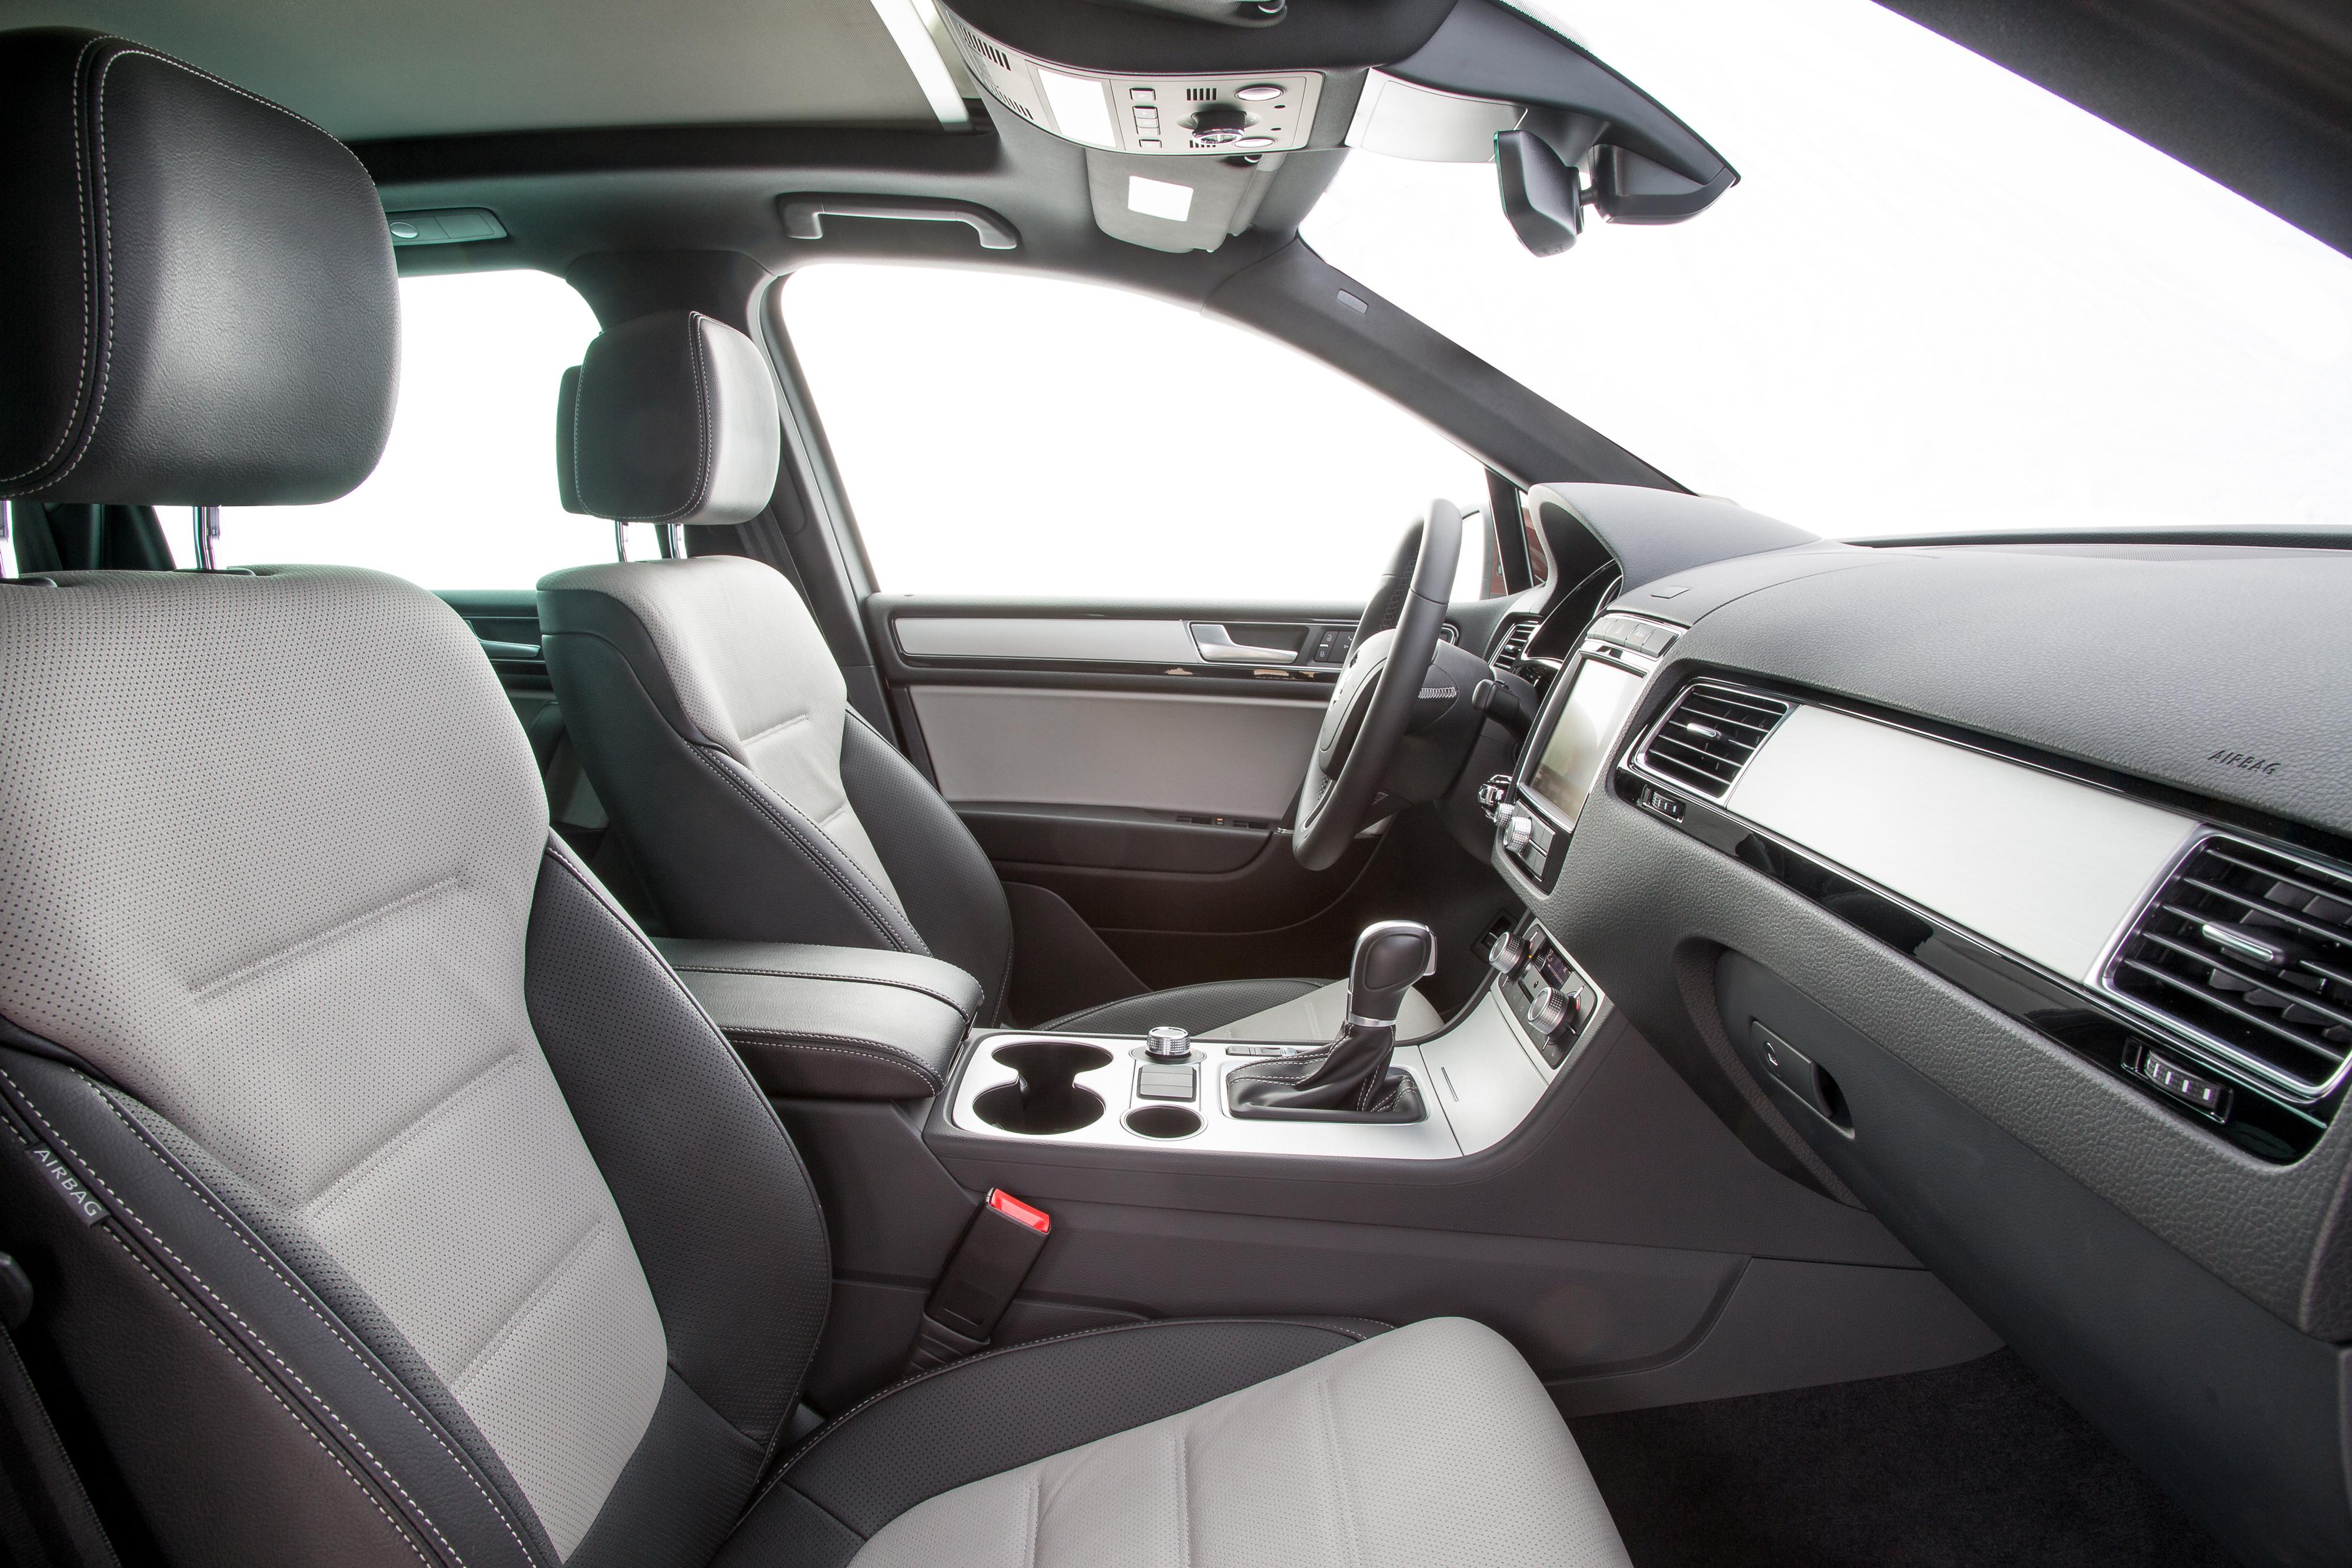 2018 Volkswagen Touareg Executive near Concord NC